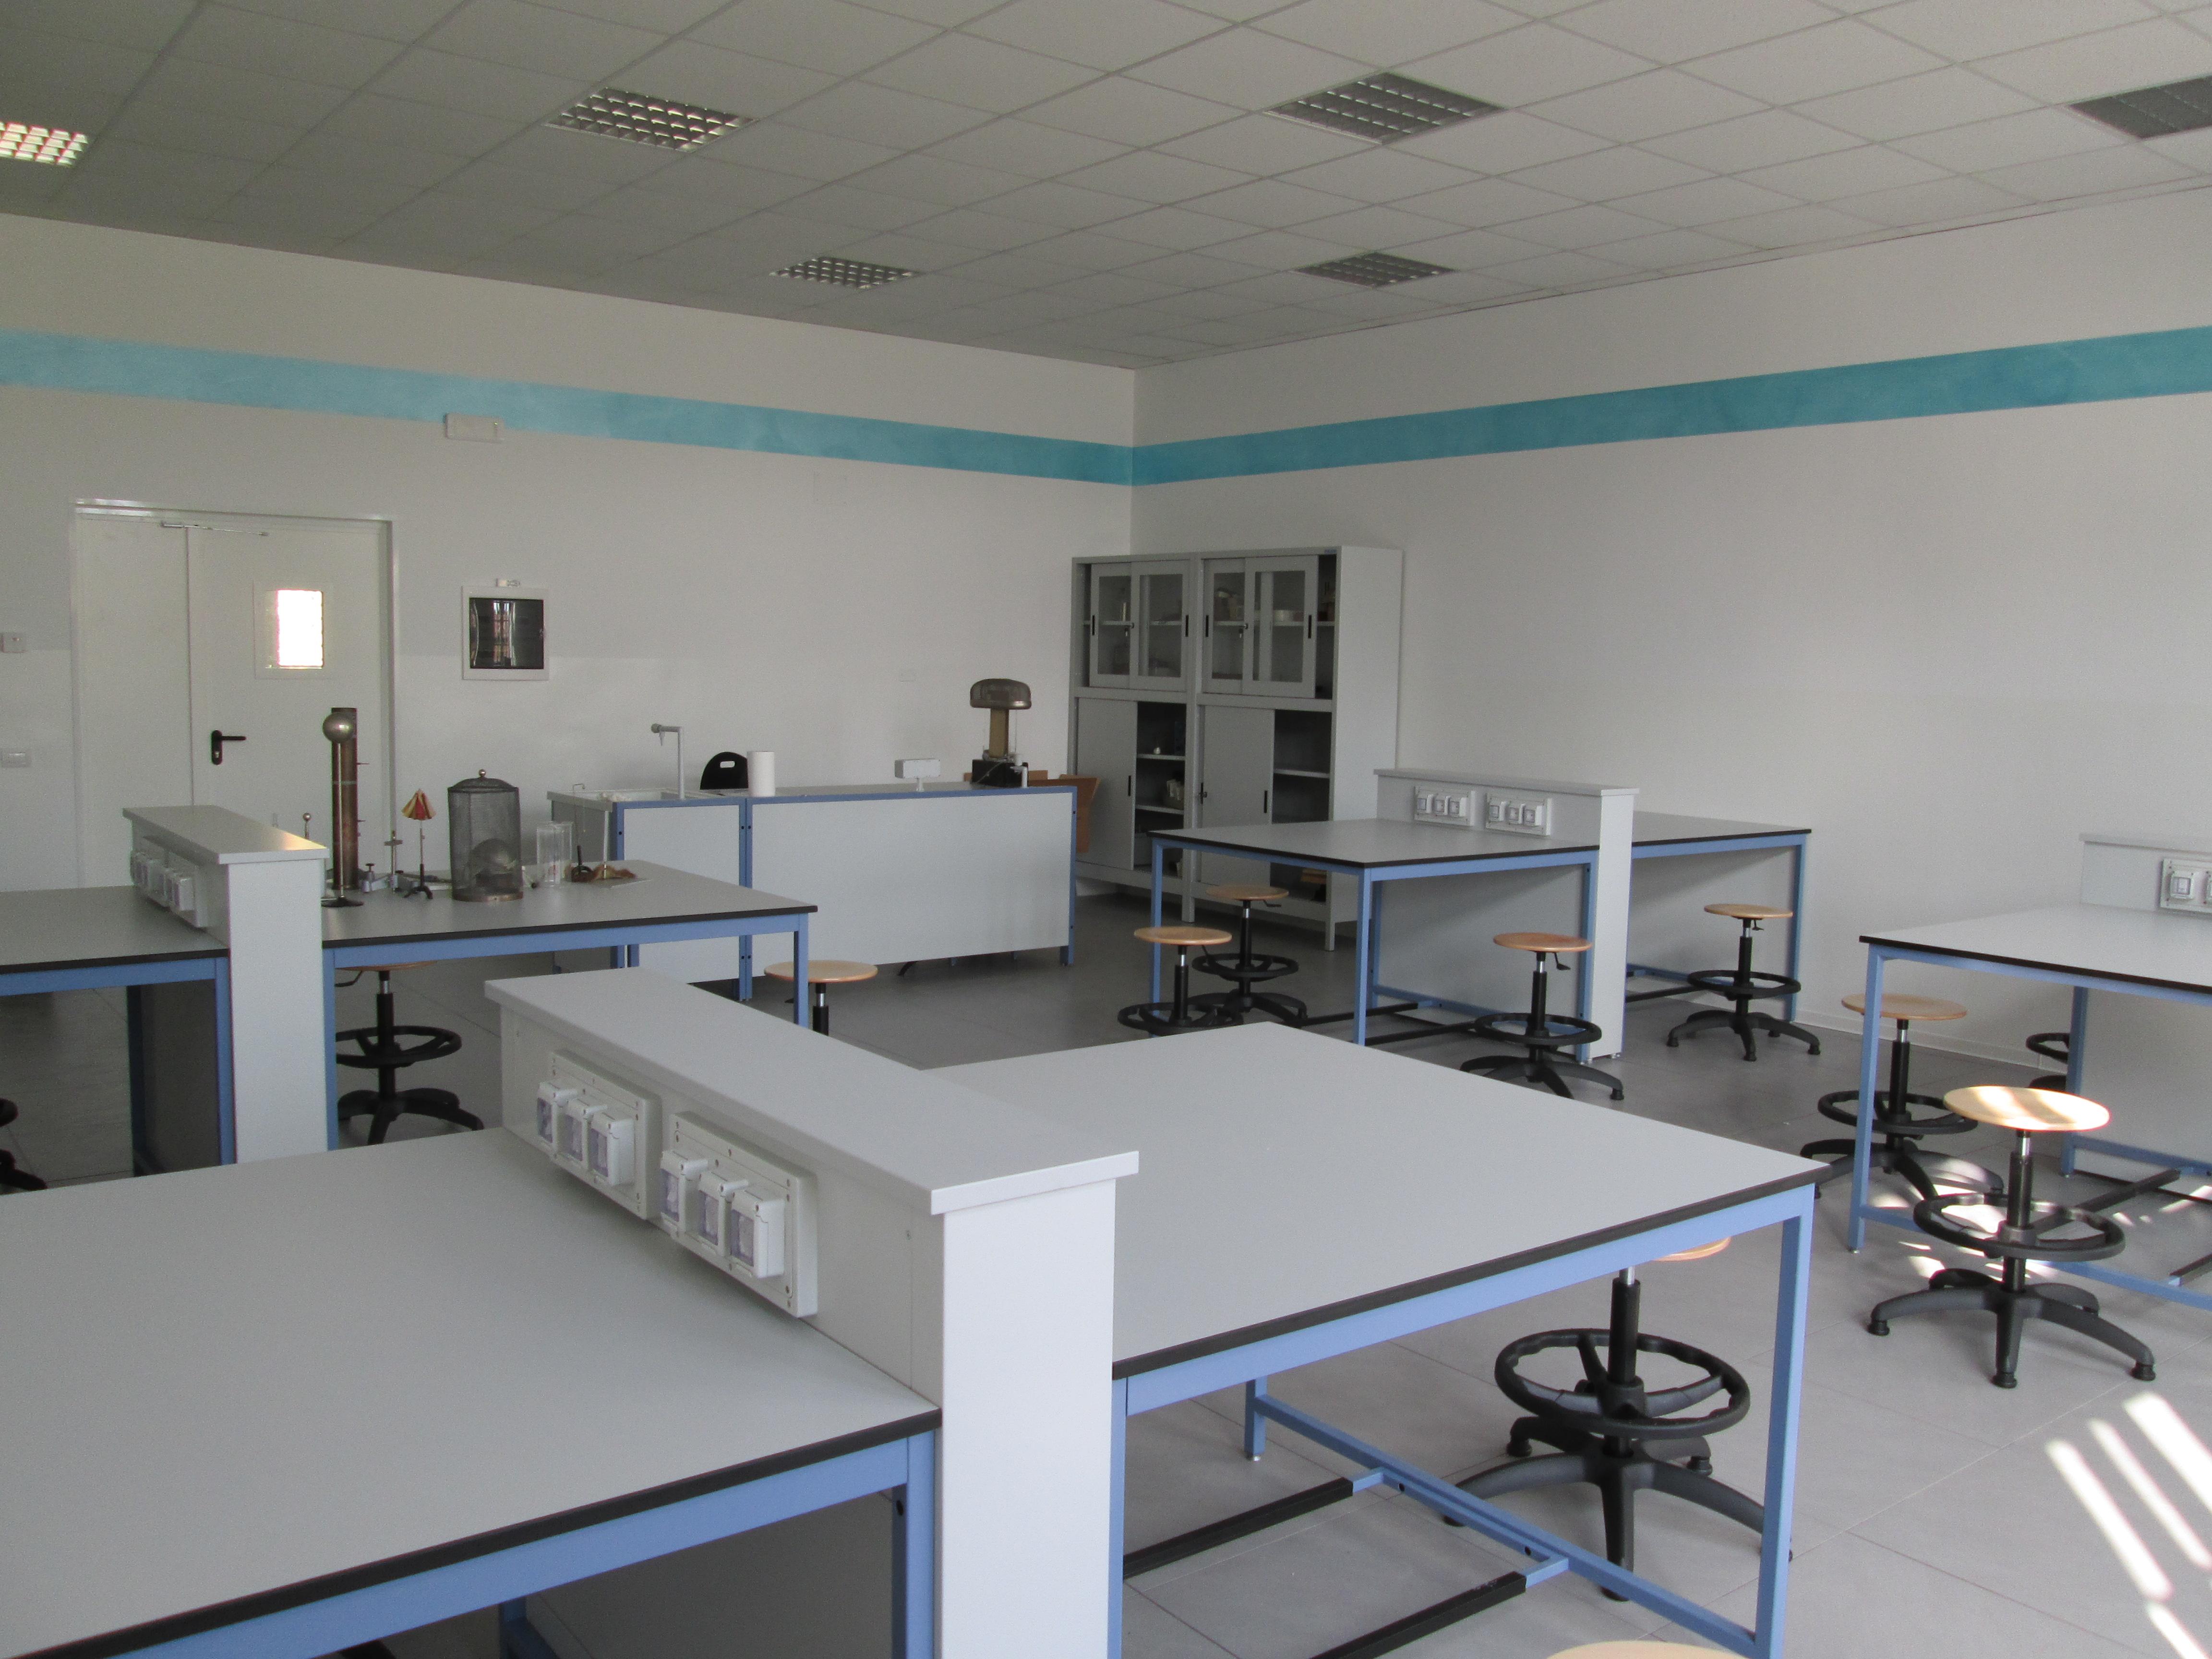 Talassi arredamenti arredamenti tecnici modulari ed for Arredi da laboratorio